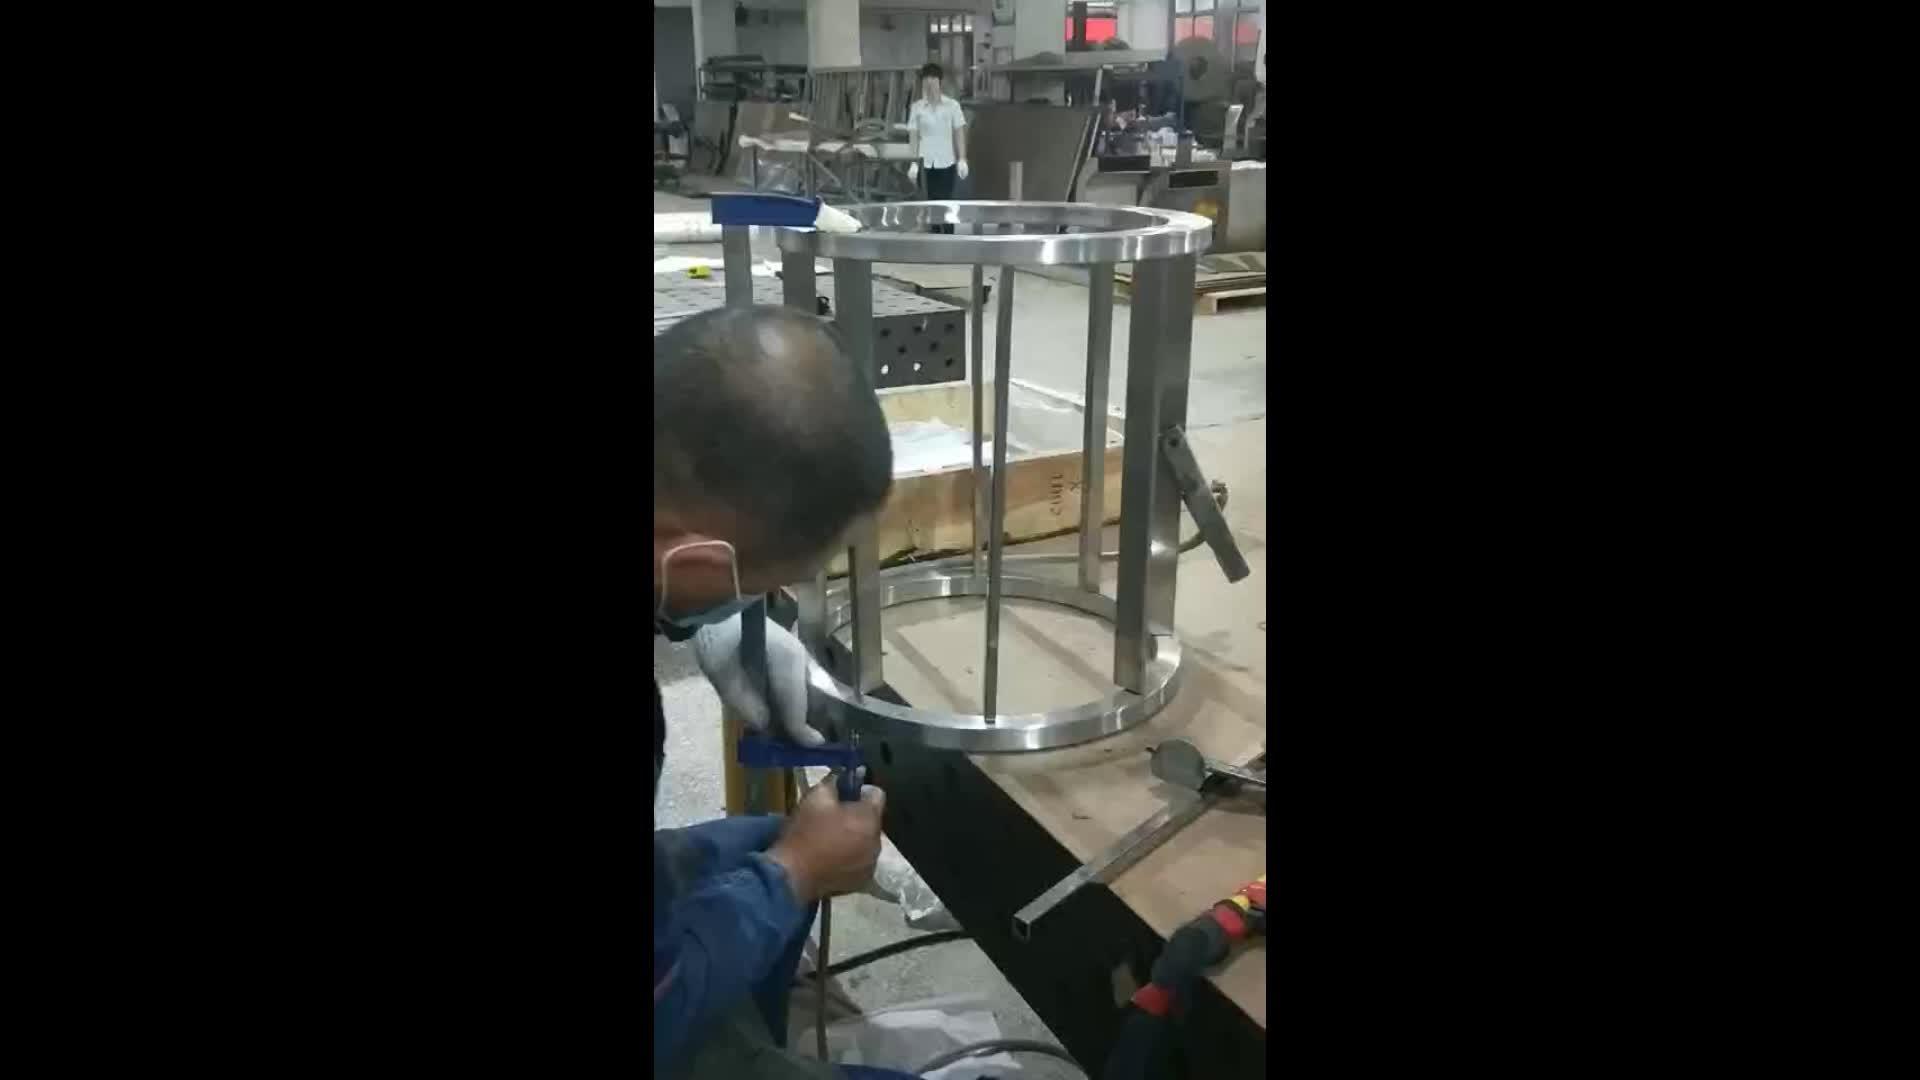 स्टेनलेस स्टील फर्नीचर पैर तालिका आधार सोने और काले टेबल कुर्सियां दौर धातु आधार के लिए टेबल